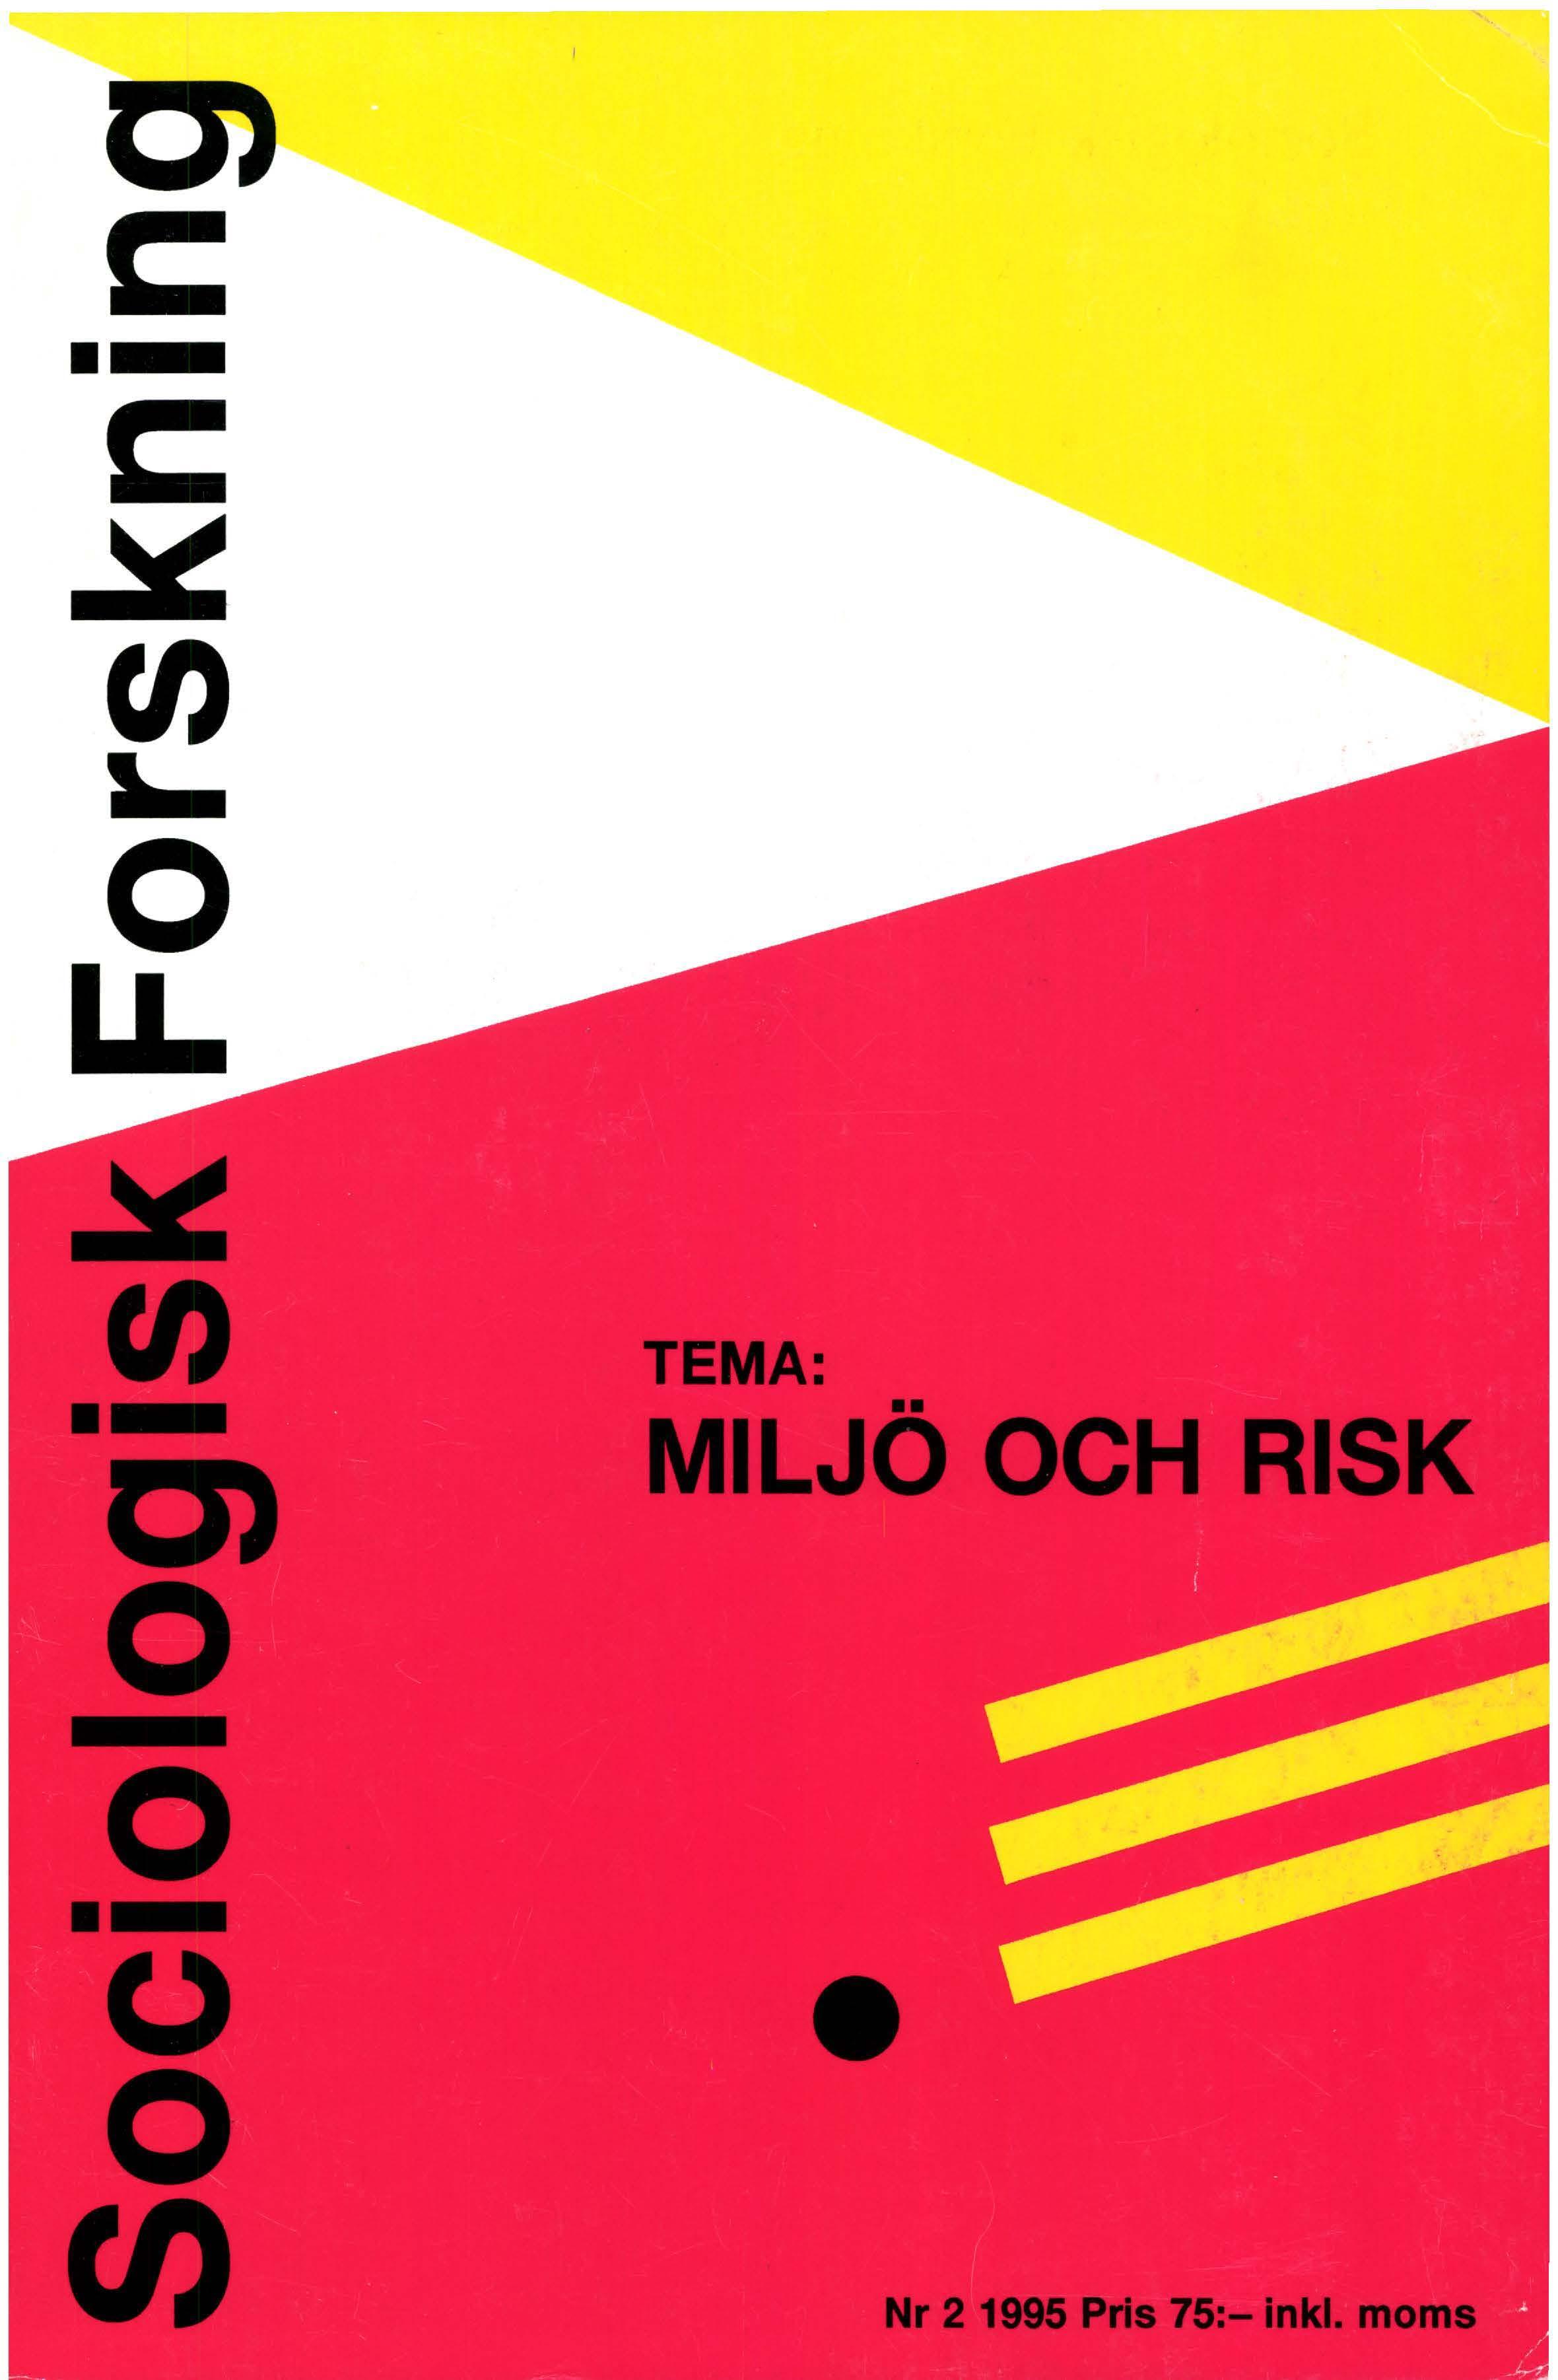 Visa Vol 32 Nr 2 (1995): Tema: Miljö och risk